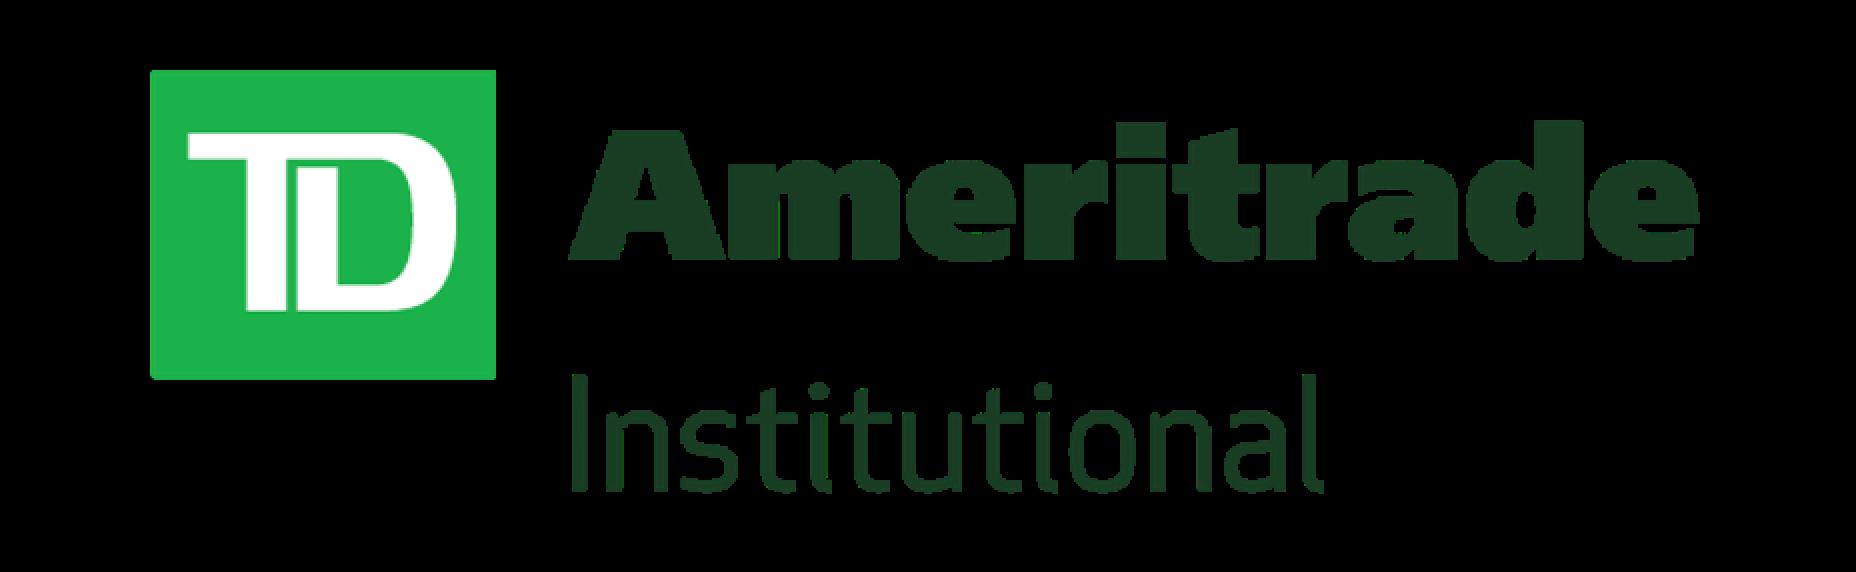 TD Ameritrade Institutional Boulder, CO Boulder Wealth Advisors